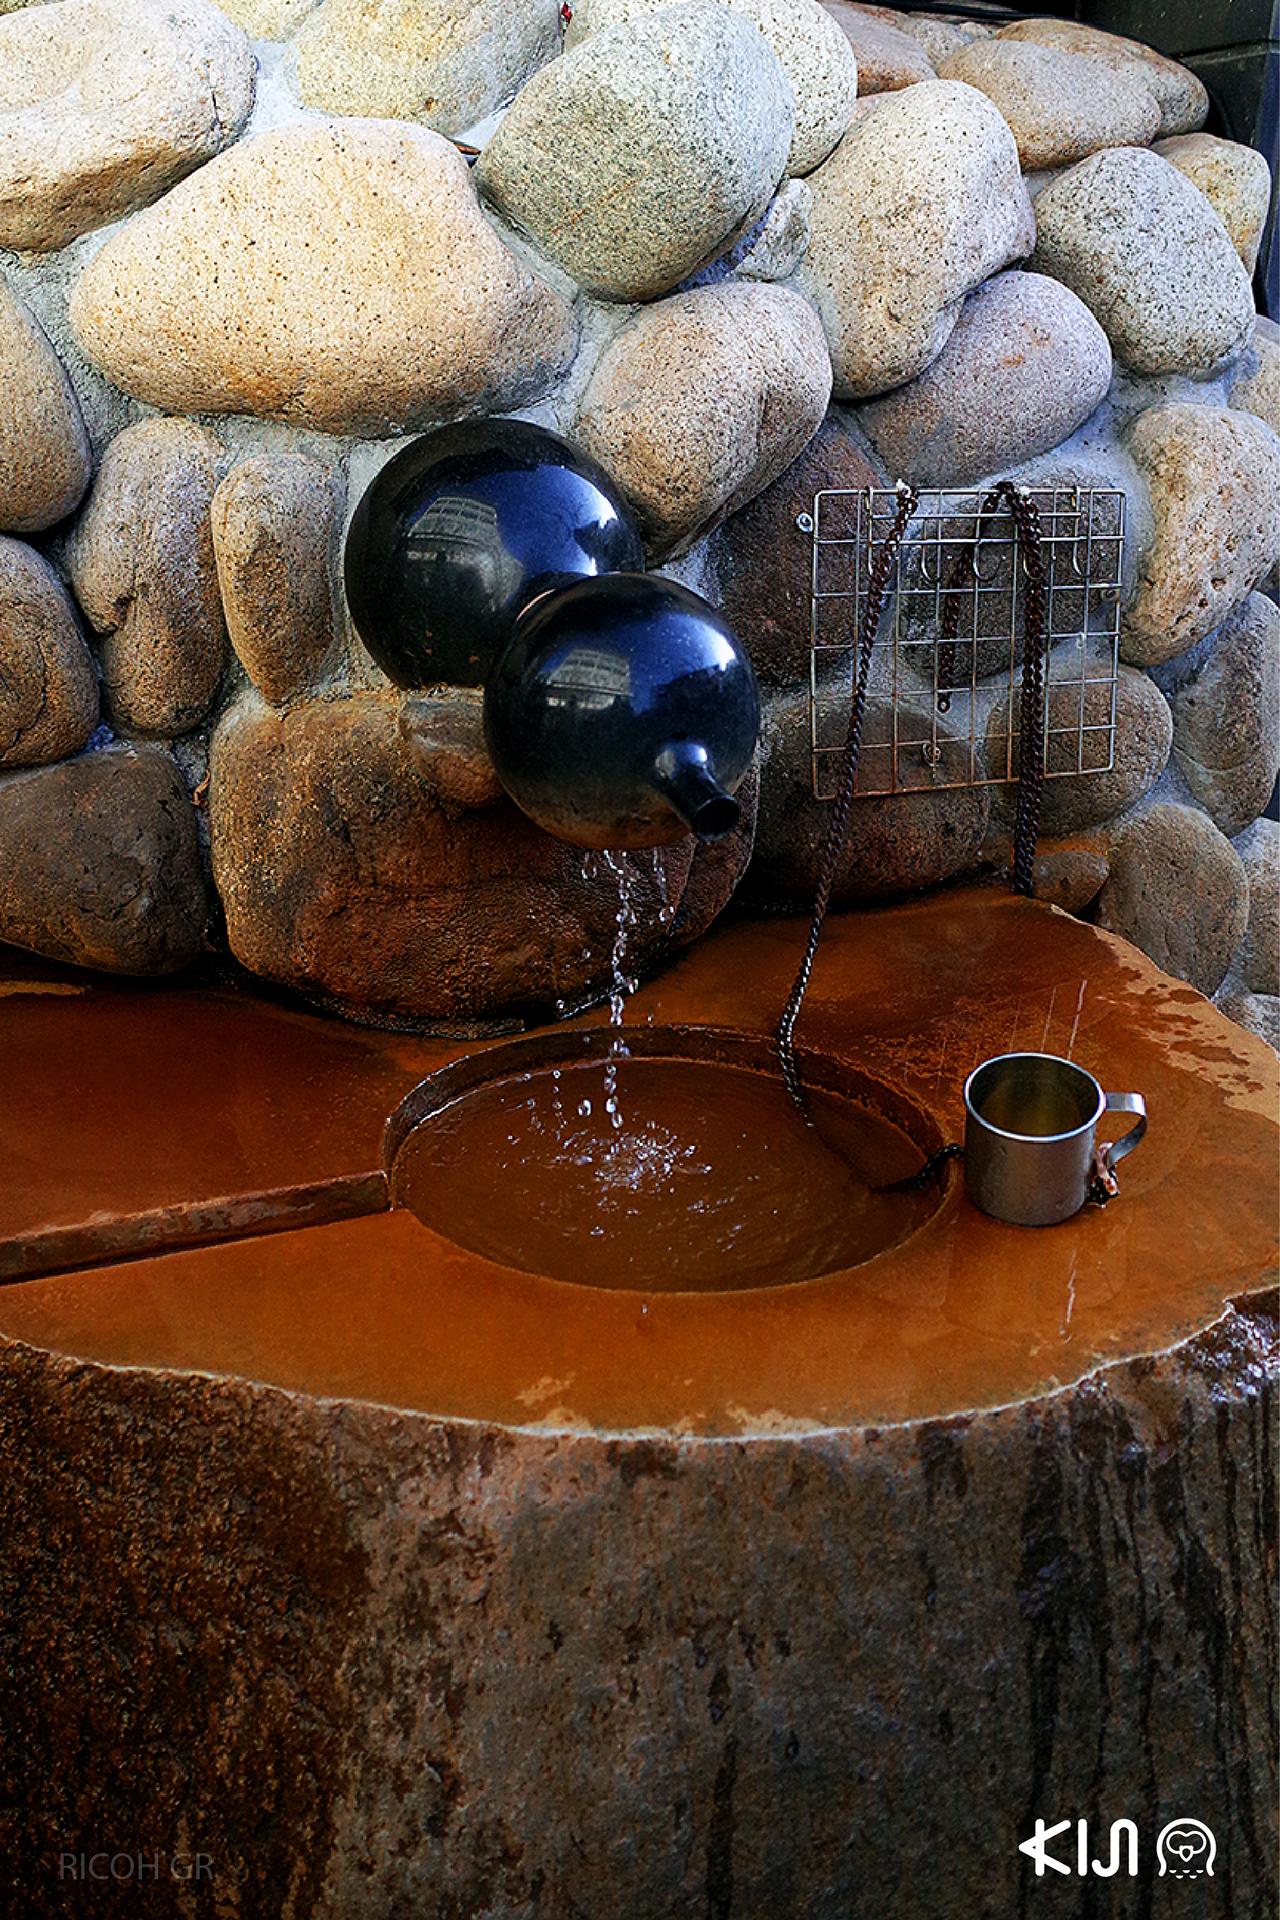 อาริมะออนเซ็น มี Taiko's Drinking Spa Water จุดบริการน้ำแร่ให้ดื่มฟรี